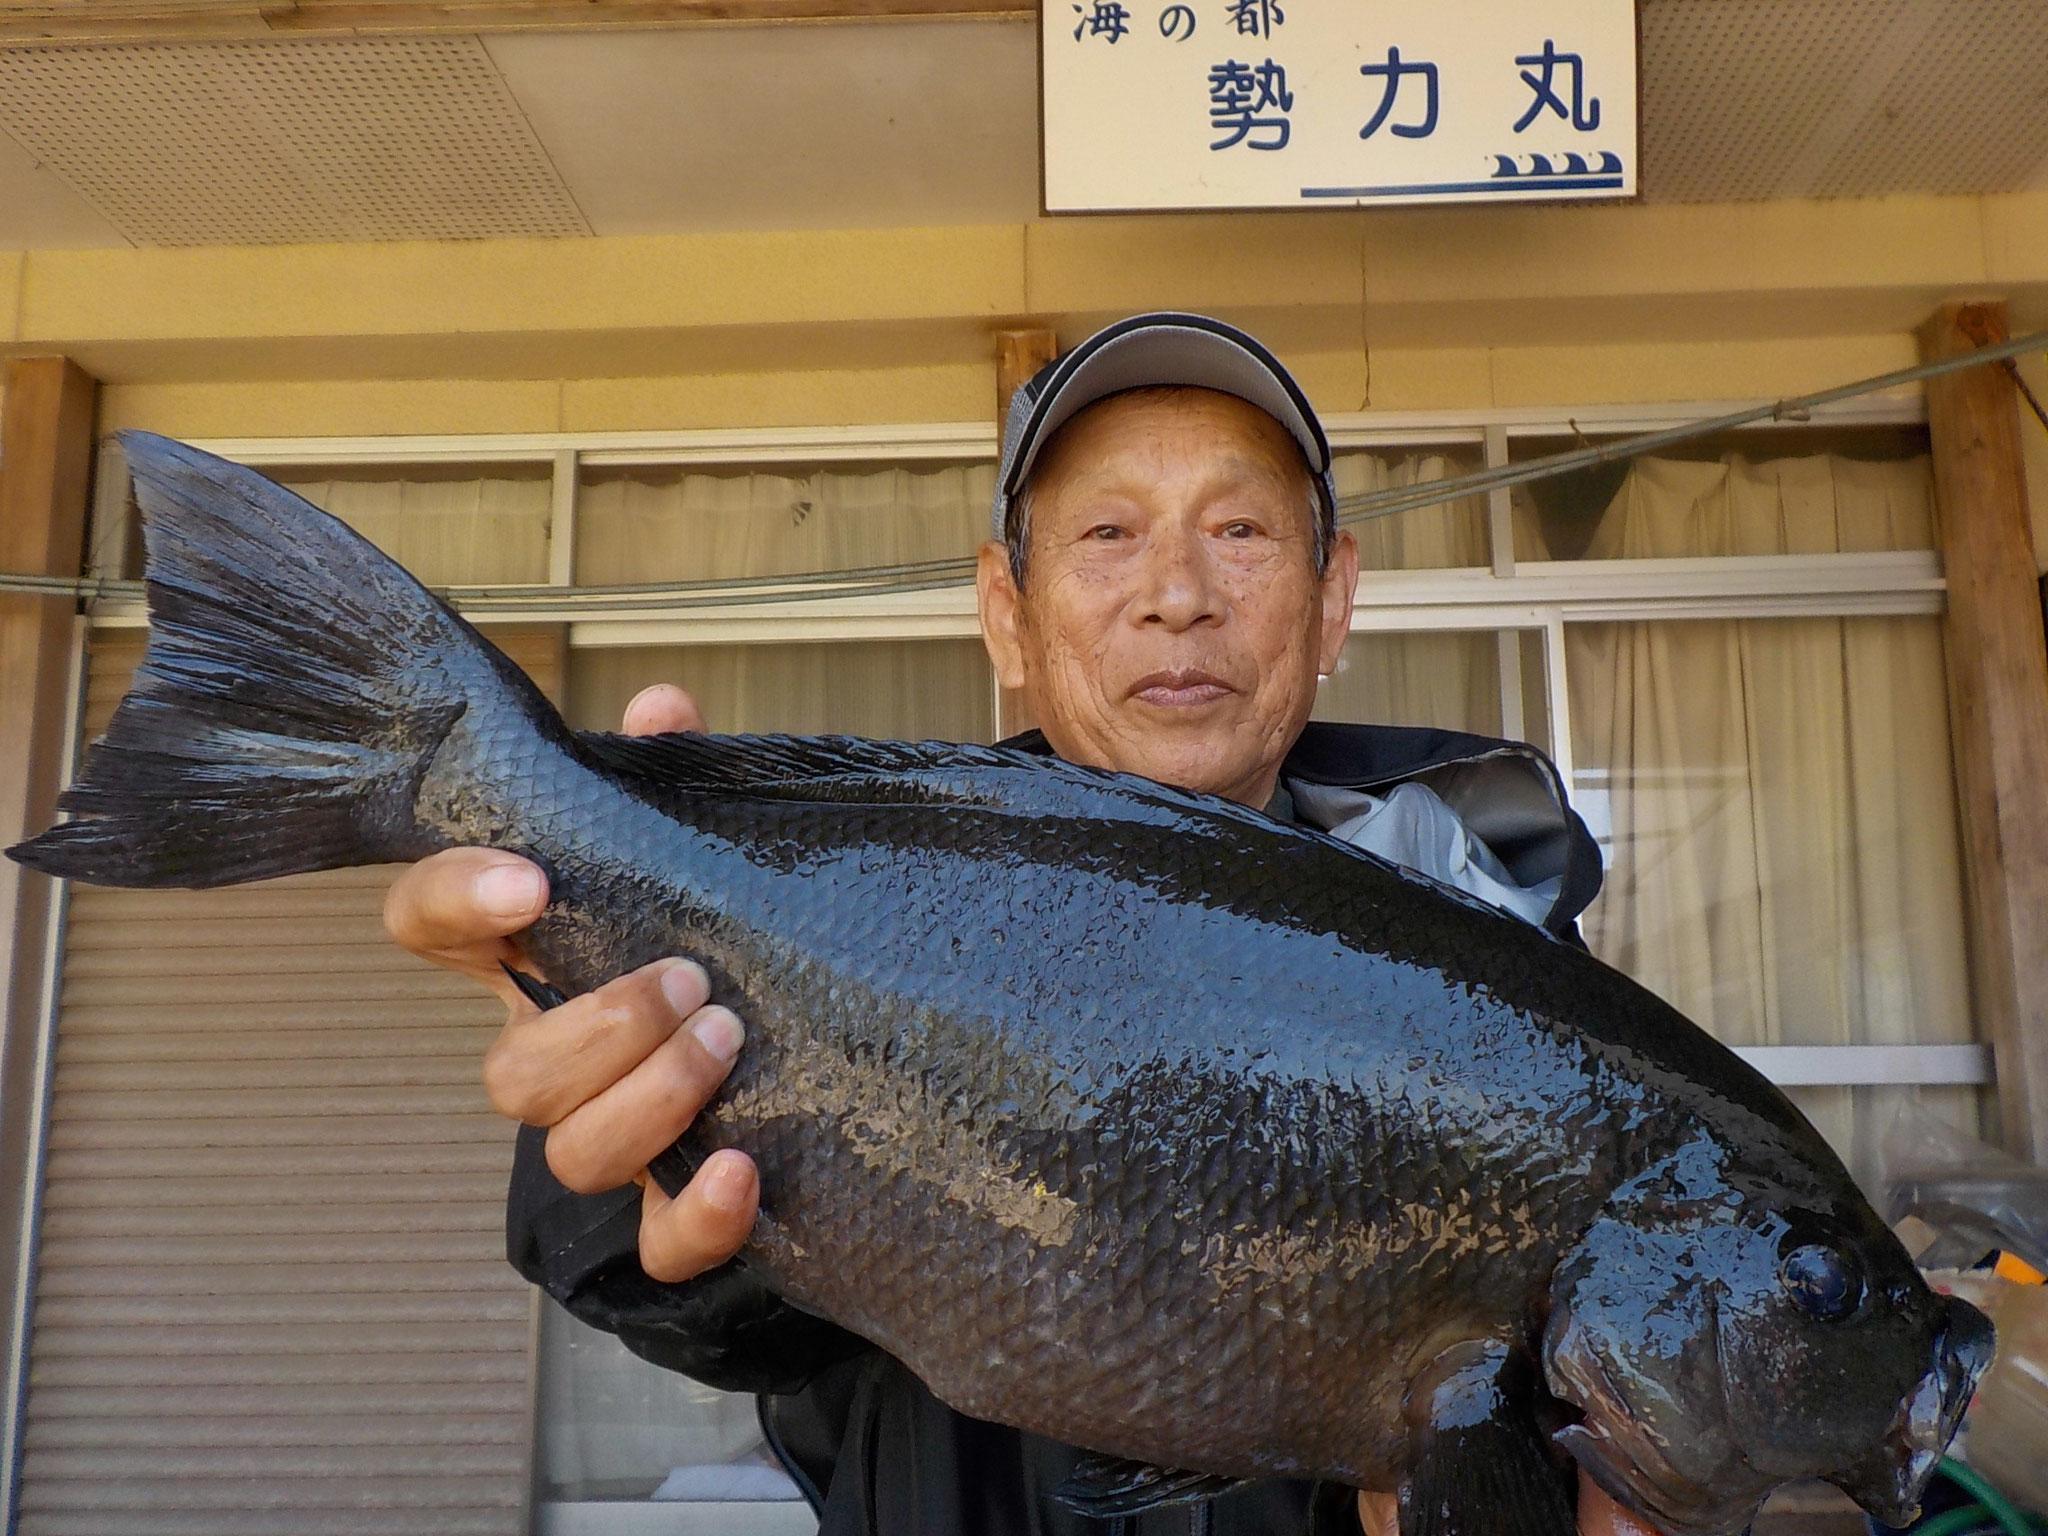 4月18日 フカセ釣りで片岡さん 良型クロ48㎝・1.88kg